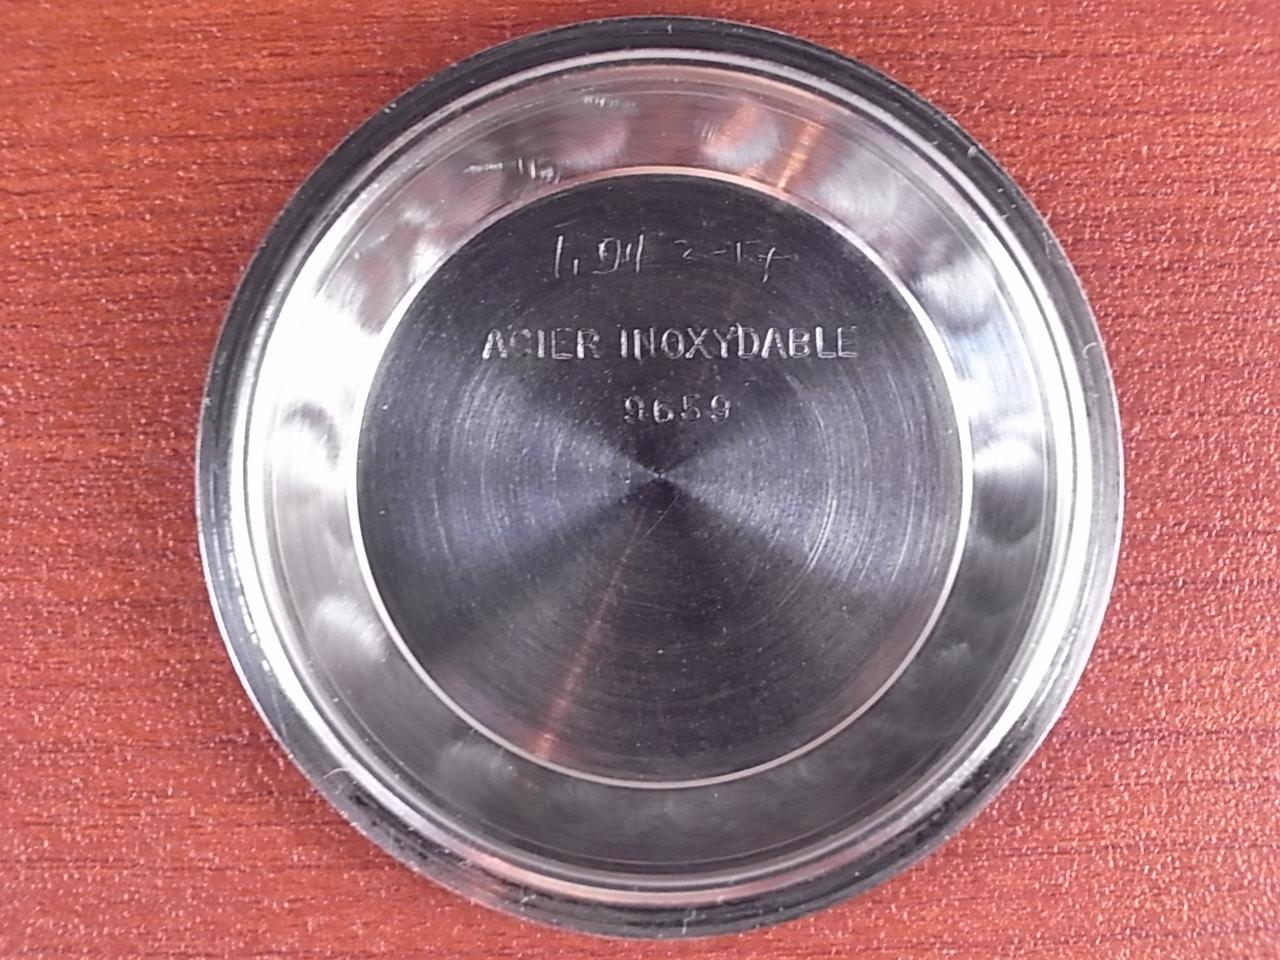 レマニア クロノグラフ Cal.1873 オメガブレスレット 1970年代の写真6枚目